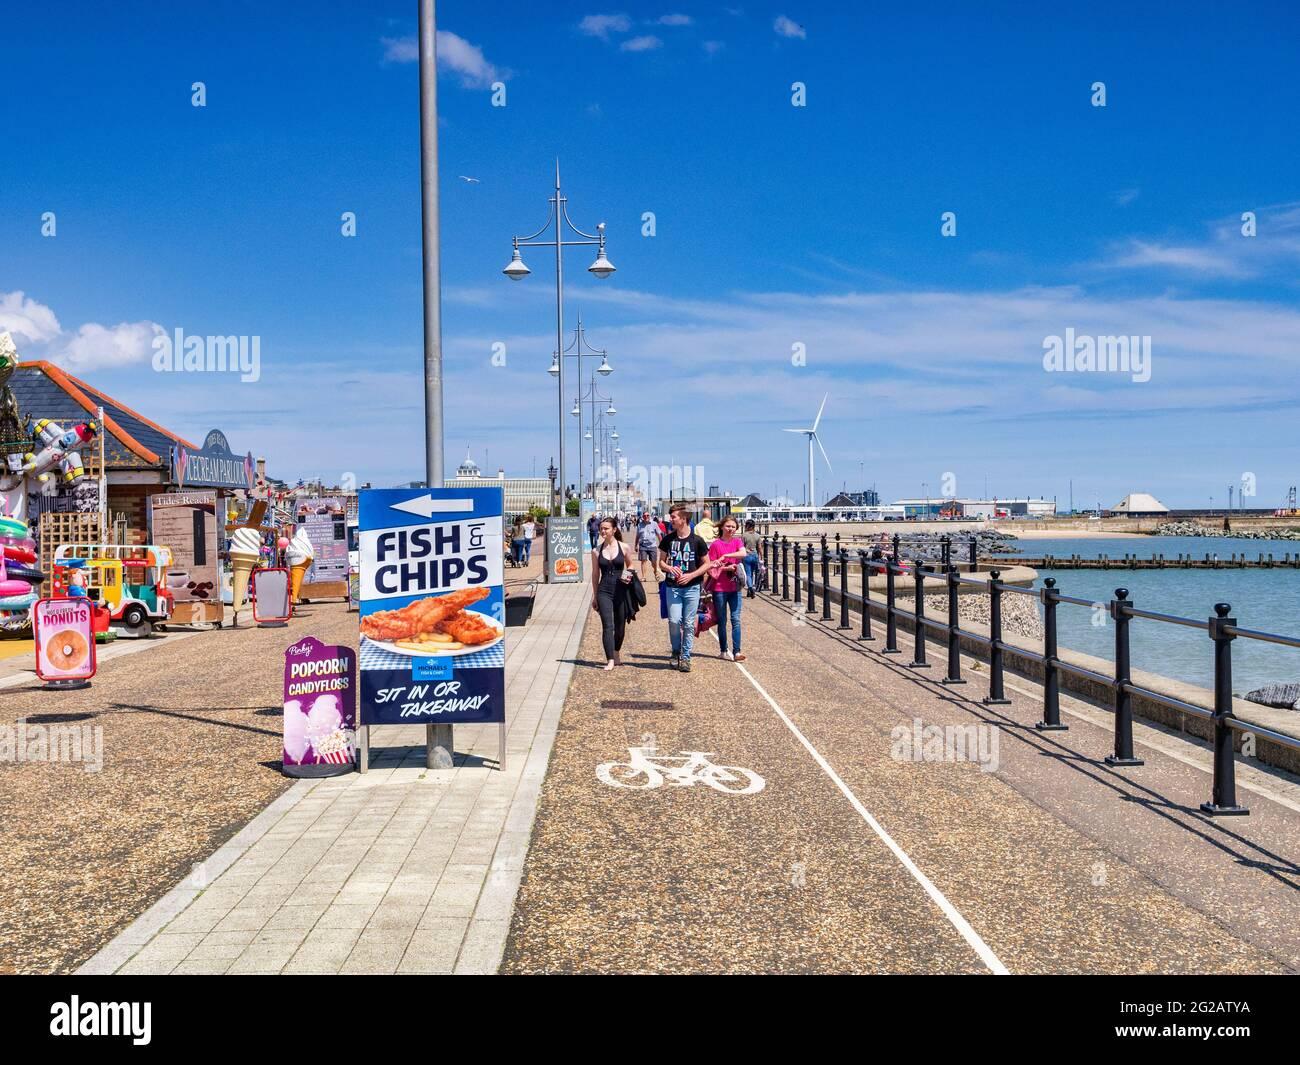 15 de junio de 2019: Lowestoft, Suffolk, Reino Unido - Pareja joven paseando por el paseo marítimo en un soleado día de verano en la costa, signo de pescado y patatas fritas. Foto de stock